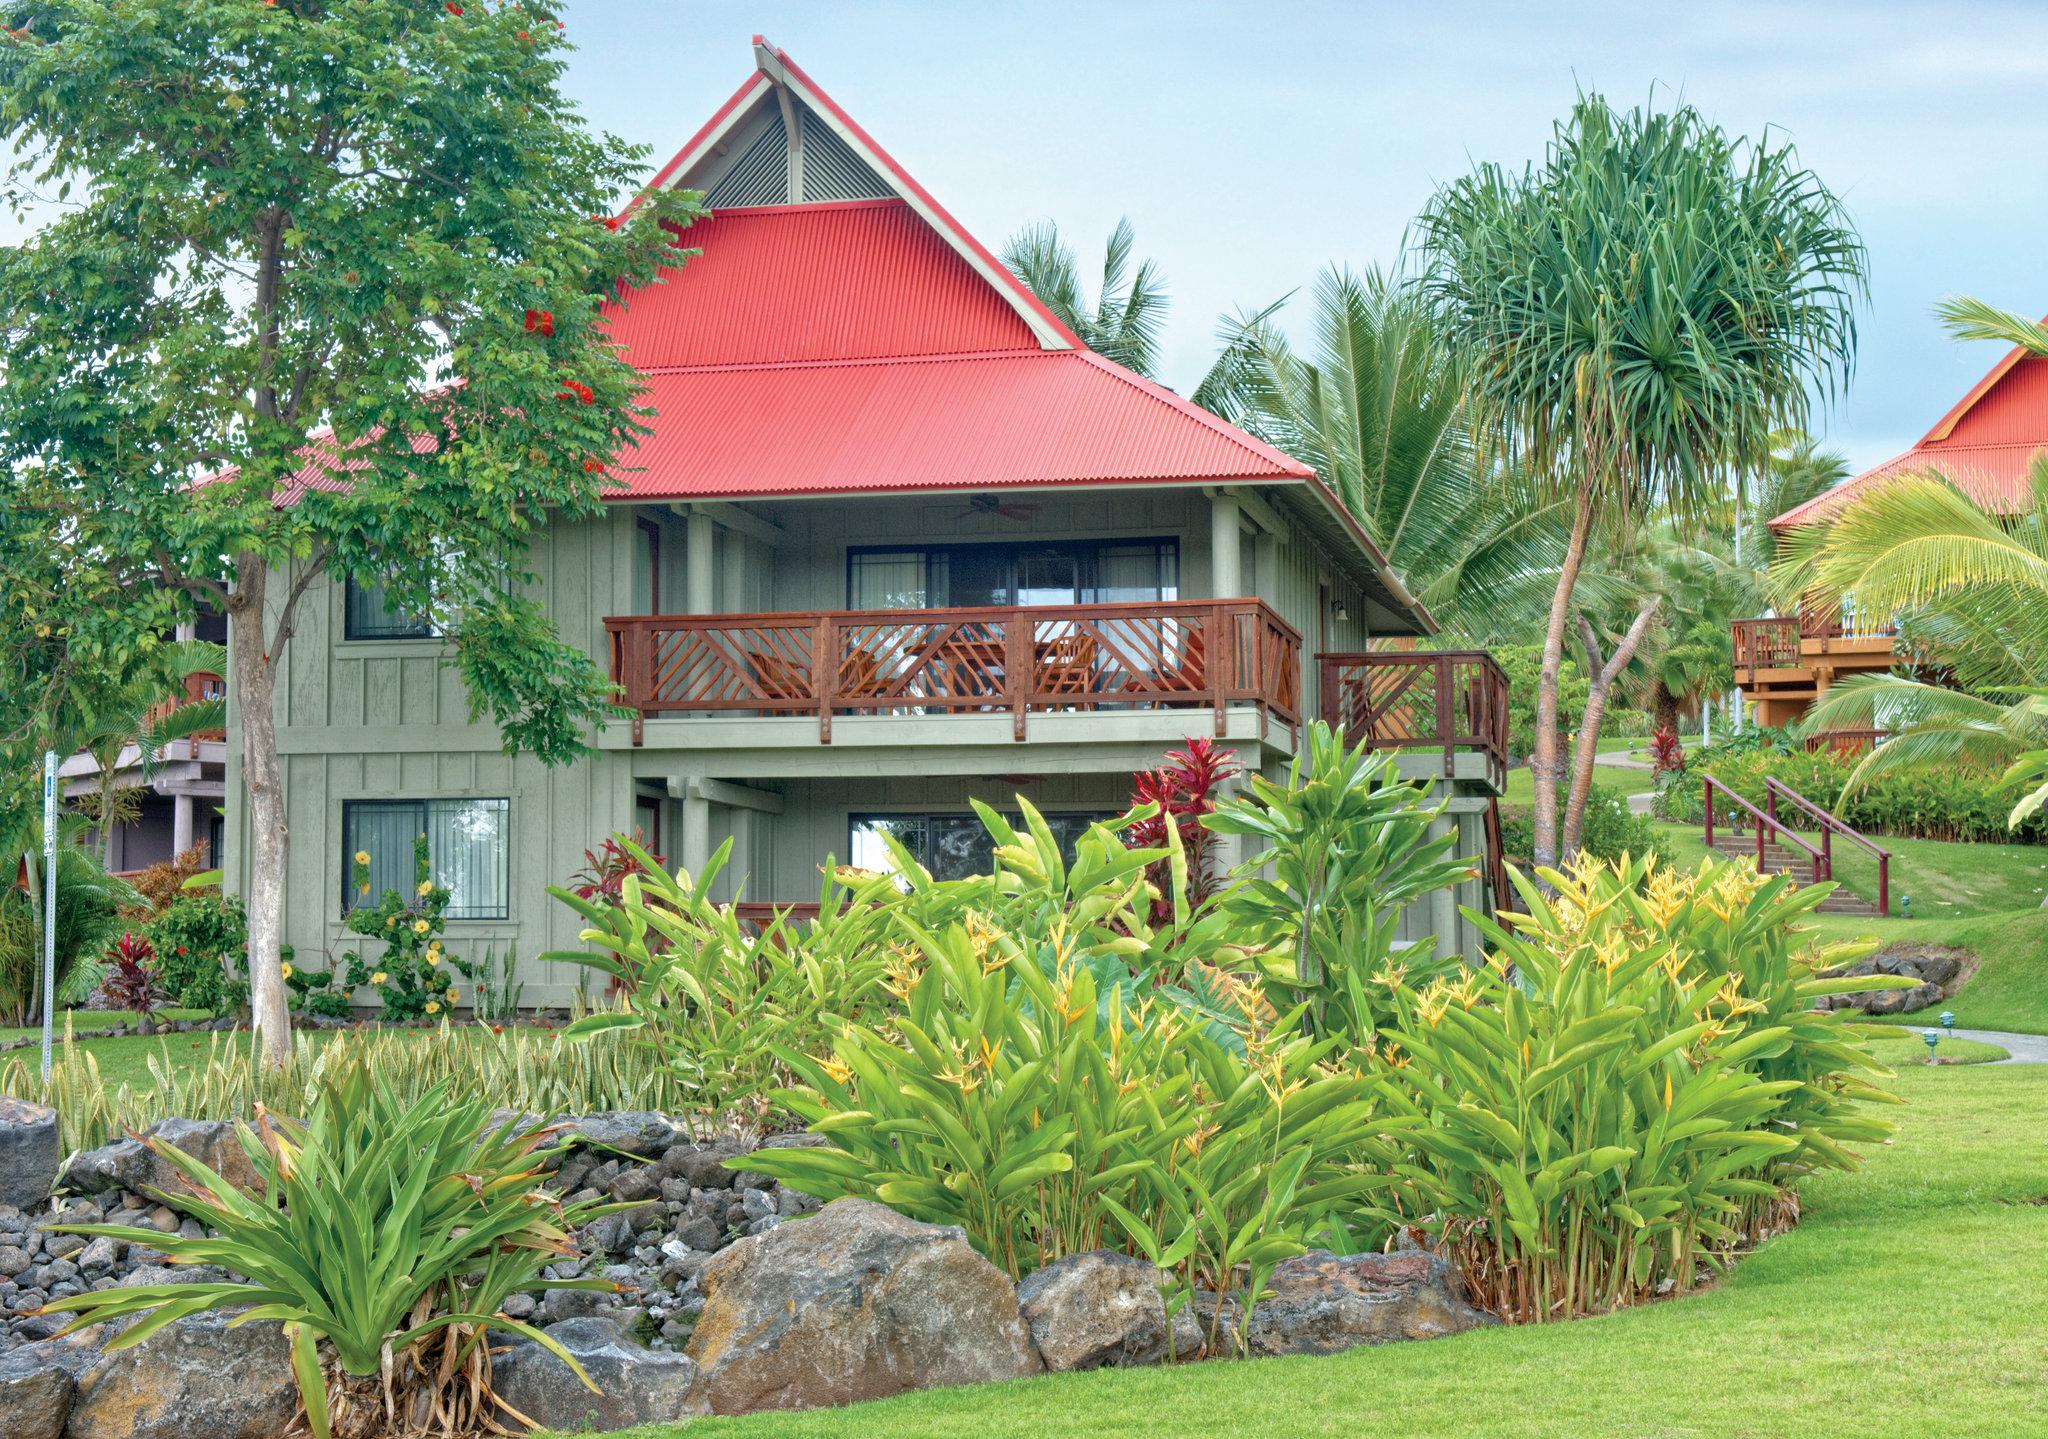 Events near Wyndham Kona Hawaiian Resort in Kailua Kona Hawaii